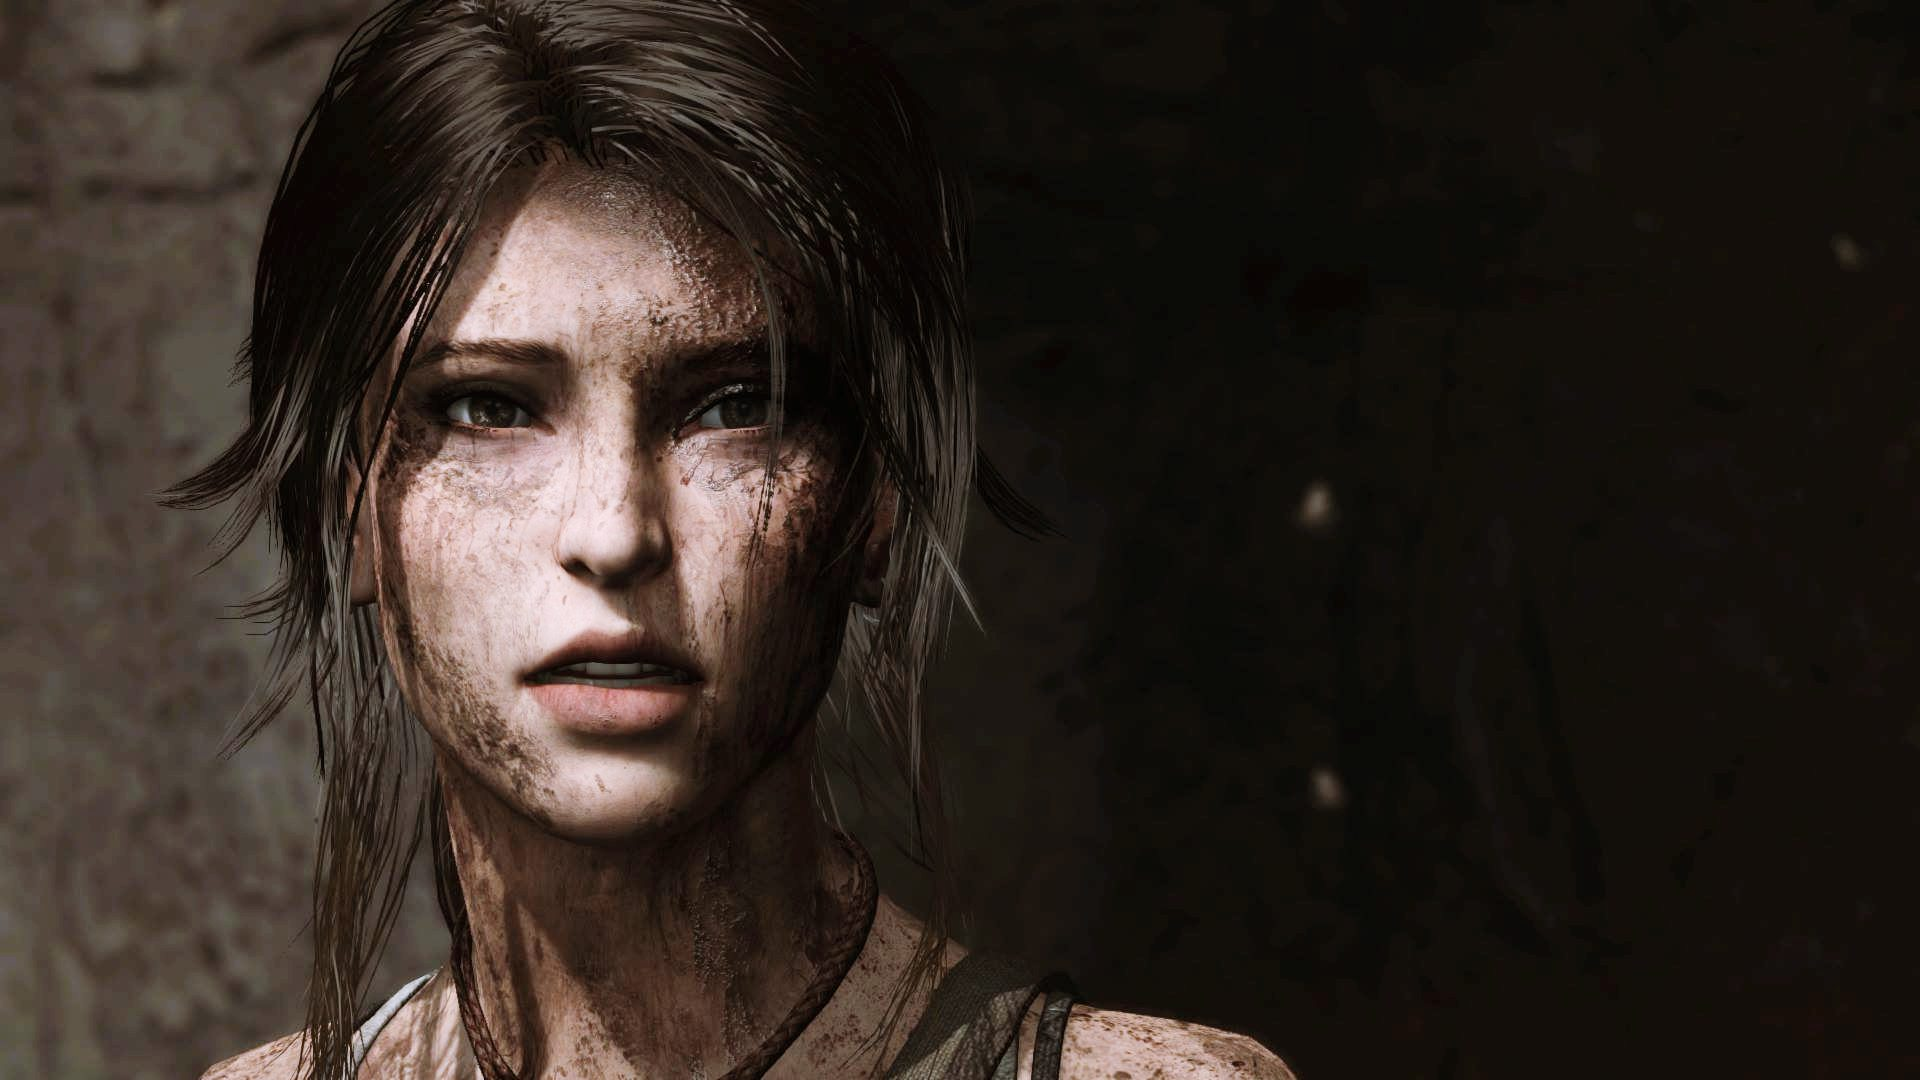 Una foto scattata in metropolitana rivela l'arrivo di un nuovo Tomb Raider?